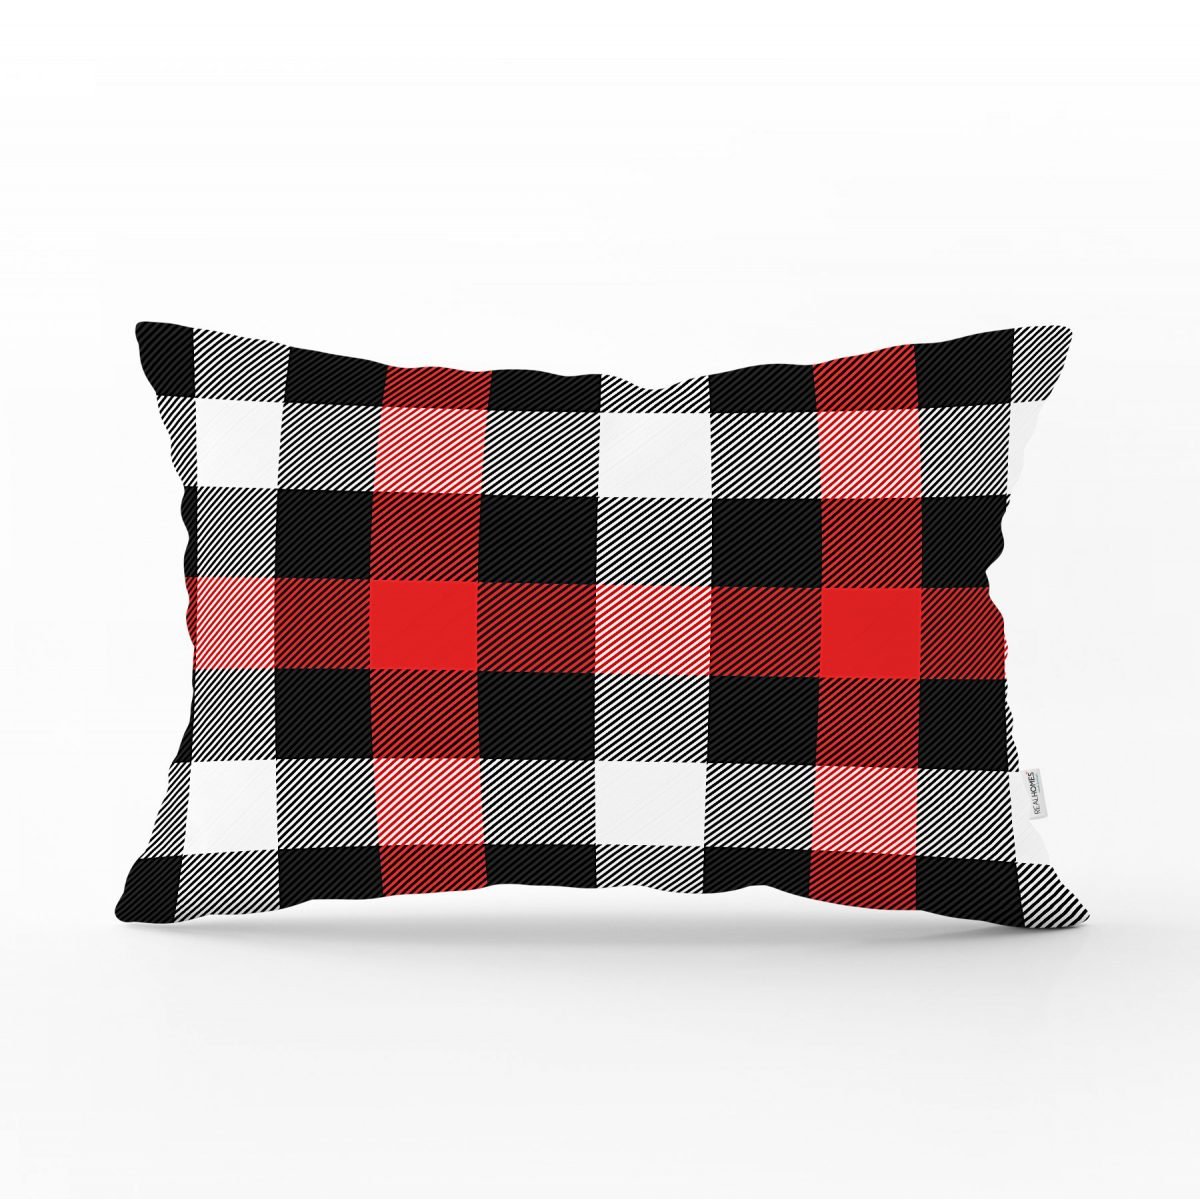 Siyah Kırmızı Beyaz Ekose Desenli Dekoratif Dikdörtgen Yastık Kırlent Kılıfı Realhomes